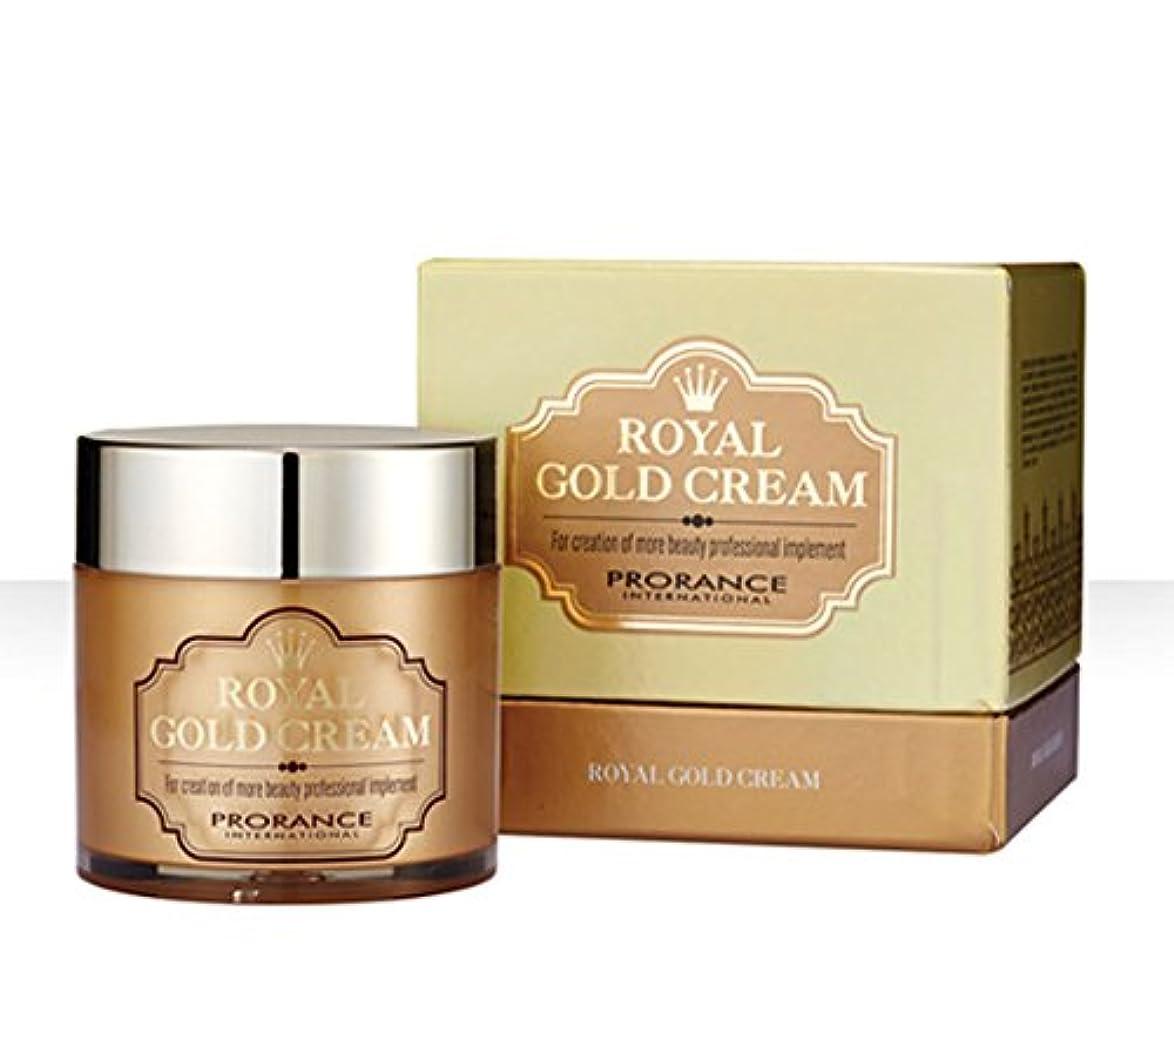 悪質な早くスイッチ[PRORANCE] ロイヤルゴールドクリーム70ml /保湿?美白/純金(純度99.9%)/韓国化粧品/ Royal Gold Cream 70ml/moisturizing,whitening/pure gold(99.9%...